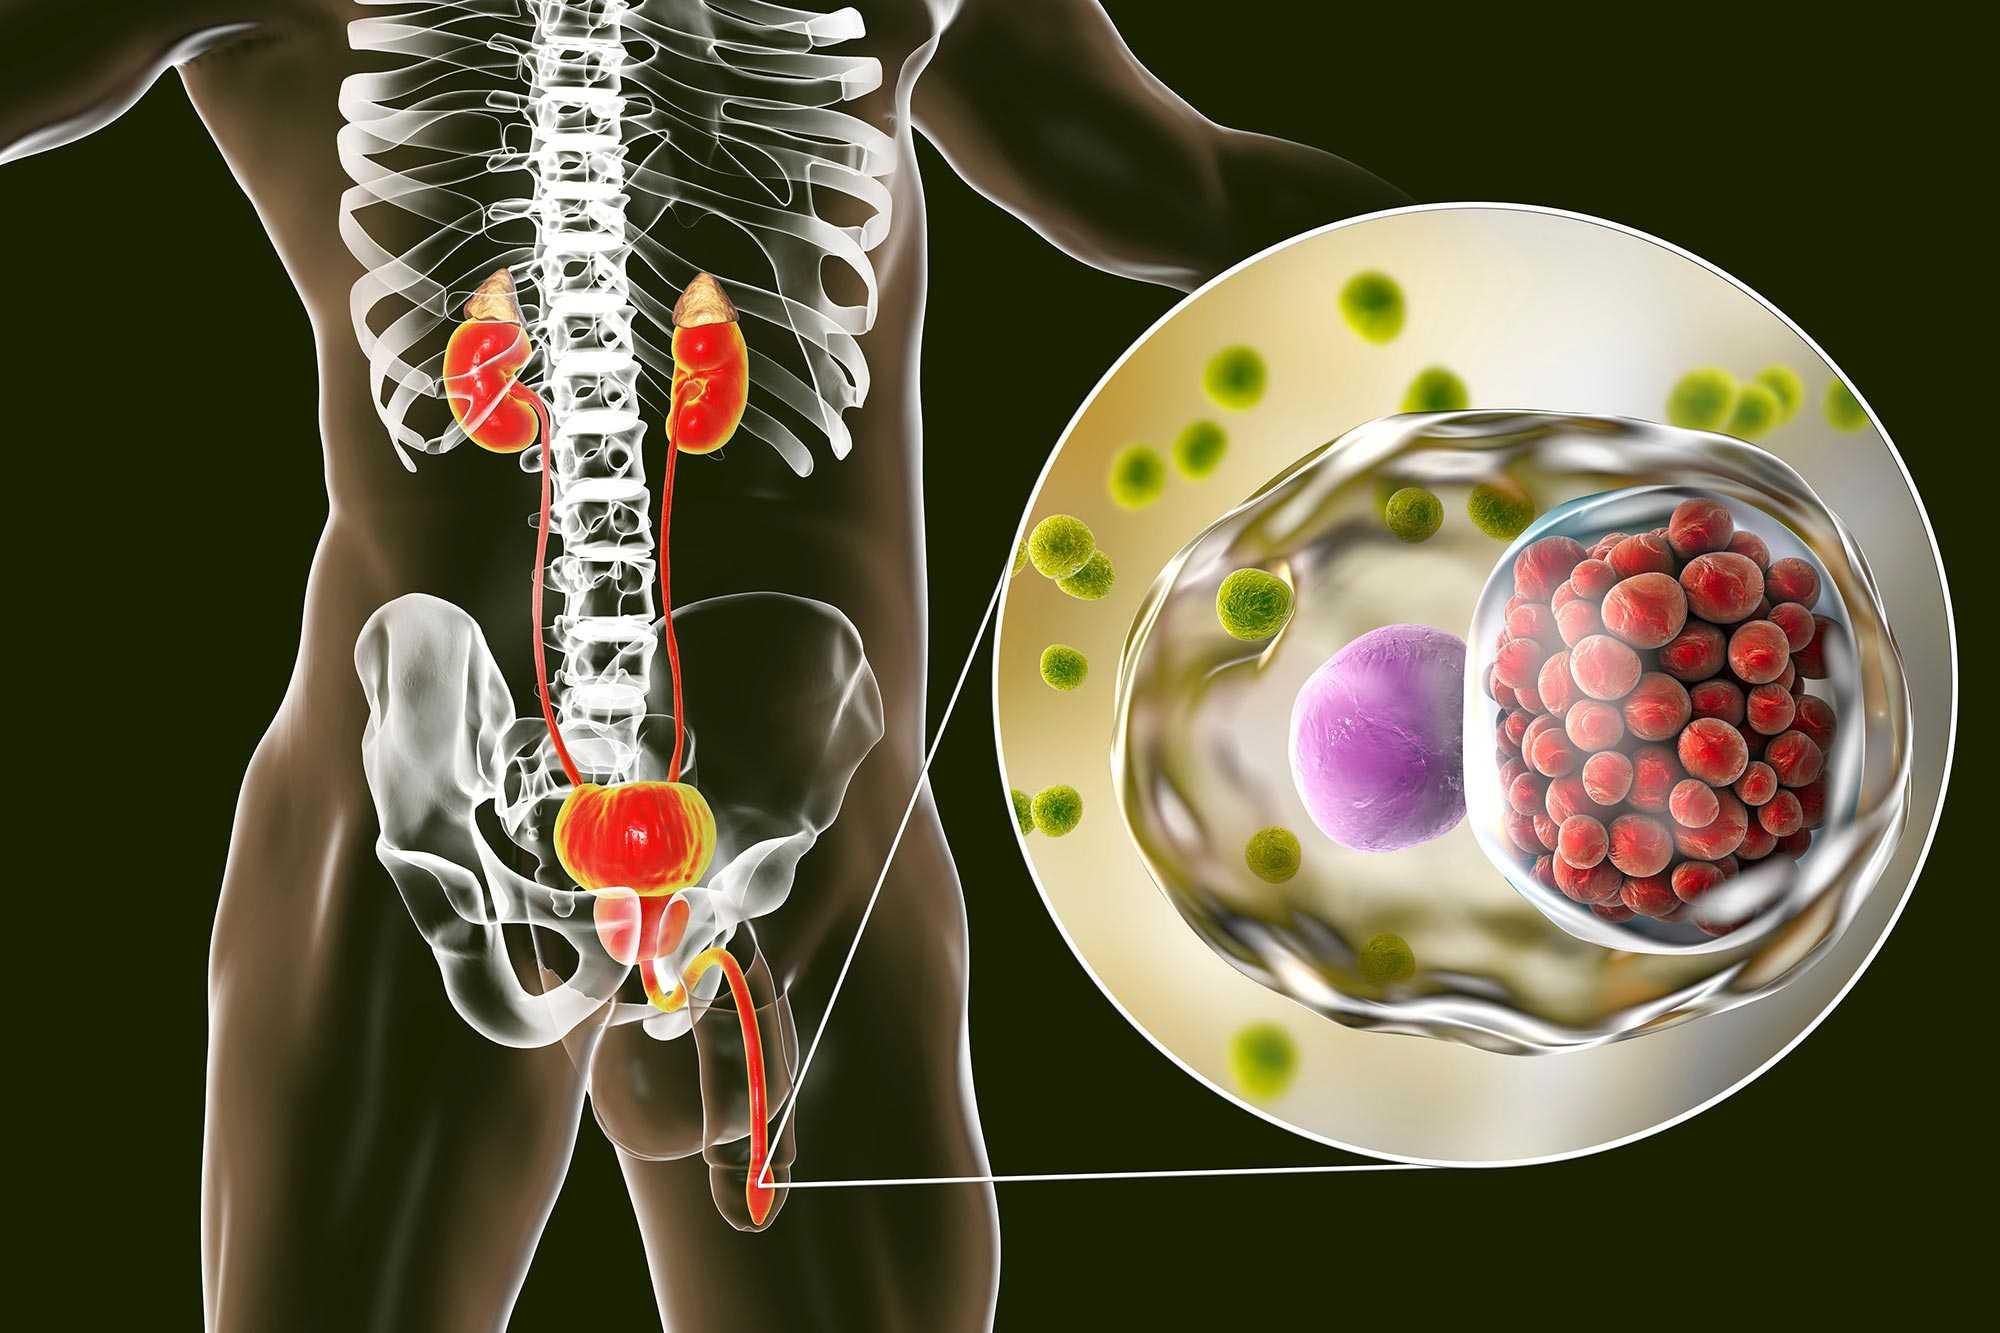 Schwanger geschwollene lymphknoten leiste frau Geschwollene Lymphknoten